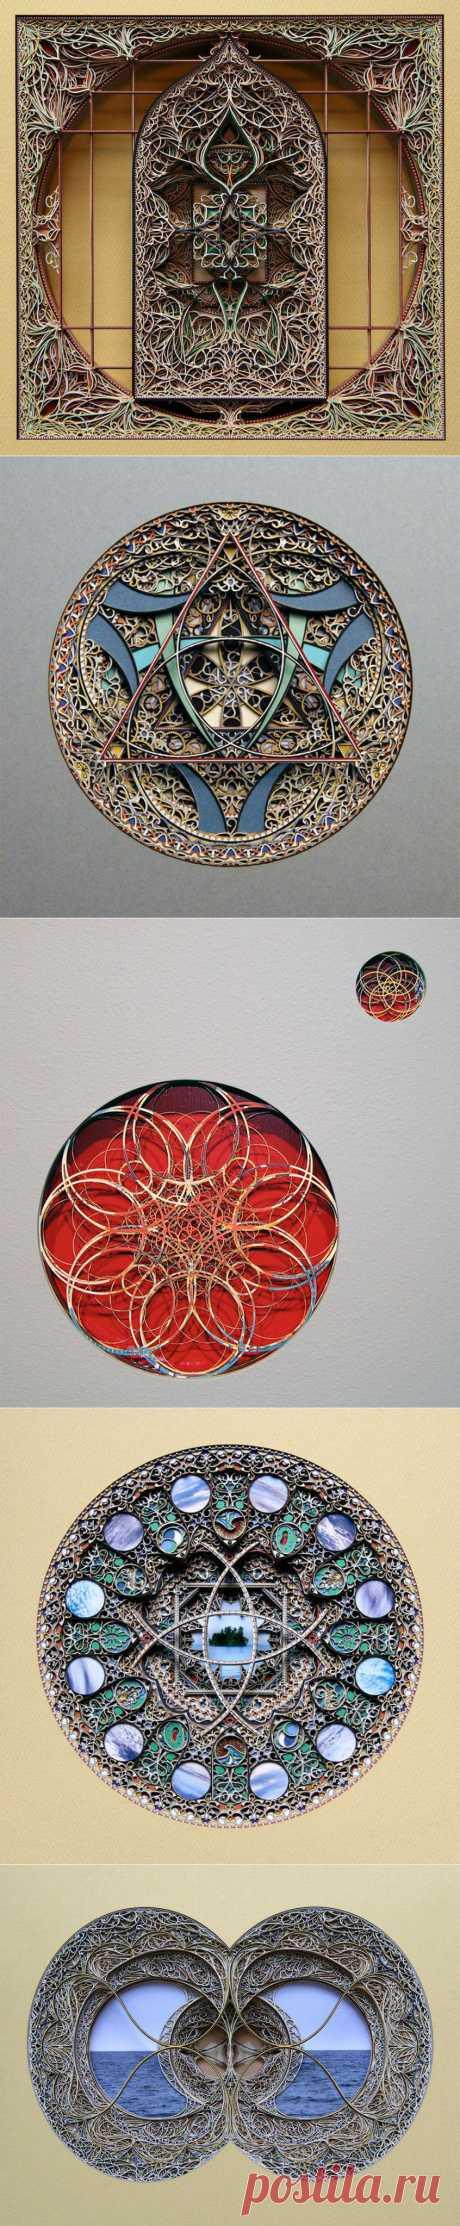 Необычные узоры из цветного картона Эрика Стендли (Eric Standley)Необычные узоры создает из сложенного слоями цветного картона художник Эрик Стендли (Eric Standley). О Автора вдохновляет готическая и средневековая исламская архитектура. Поэтому эти узоры напоминают восточную сказку.